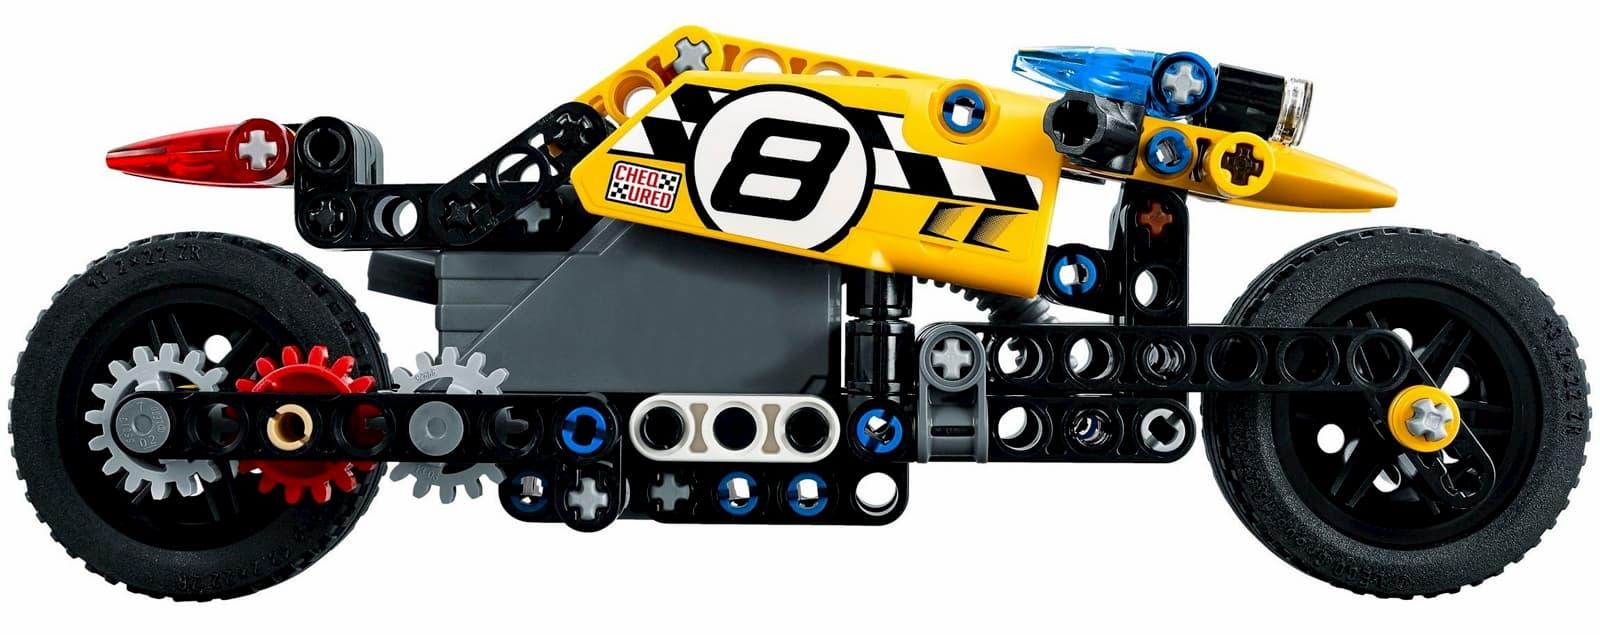 Конструктор JiSI Bricks «Трюковый мотоцикл» 3419 (Technic 42058) / 140 деталей